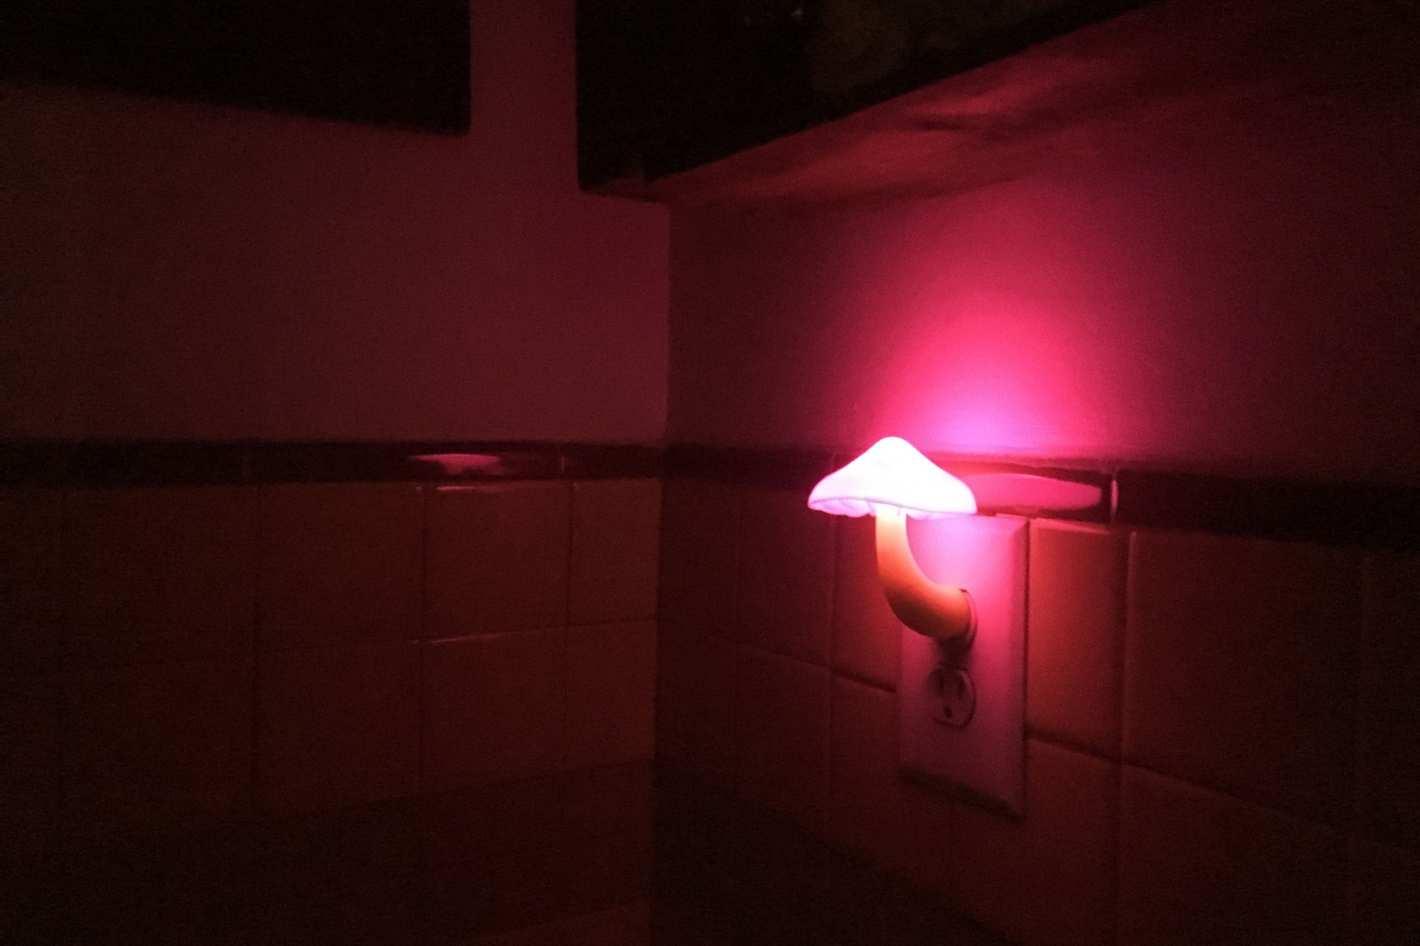 Ausaye Two-Pack Mushroom Night Light Warm White